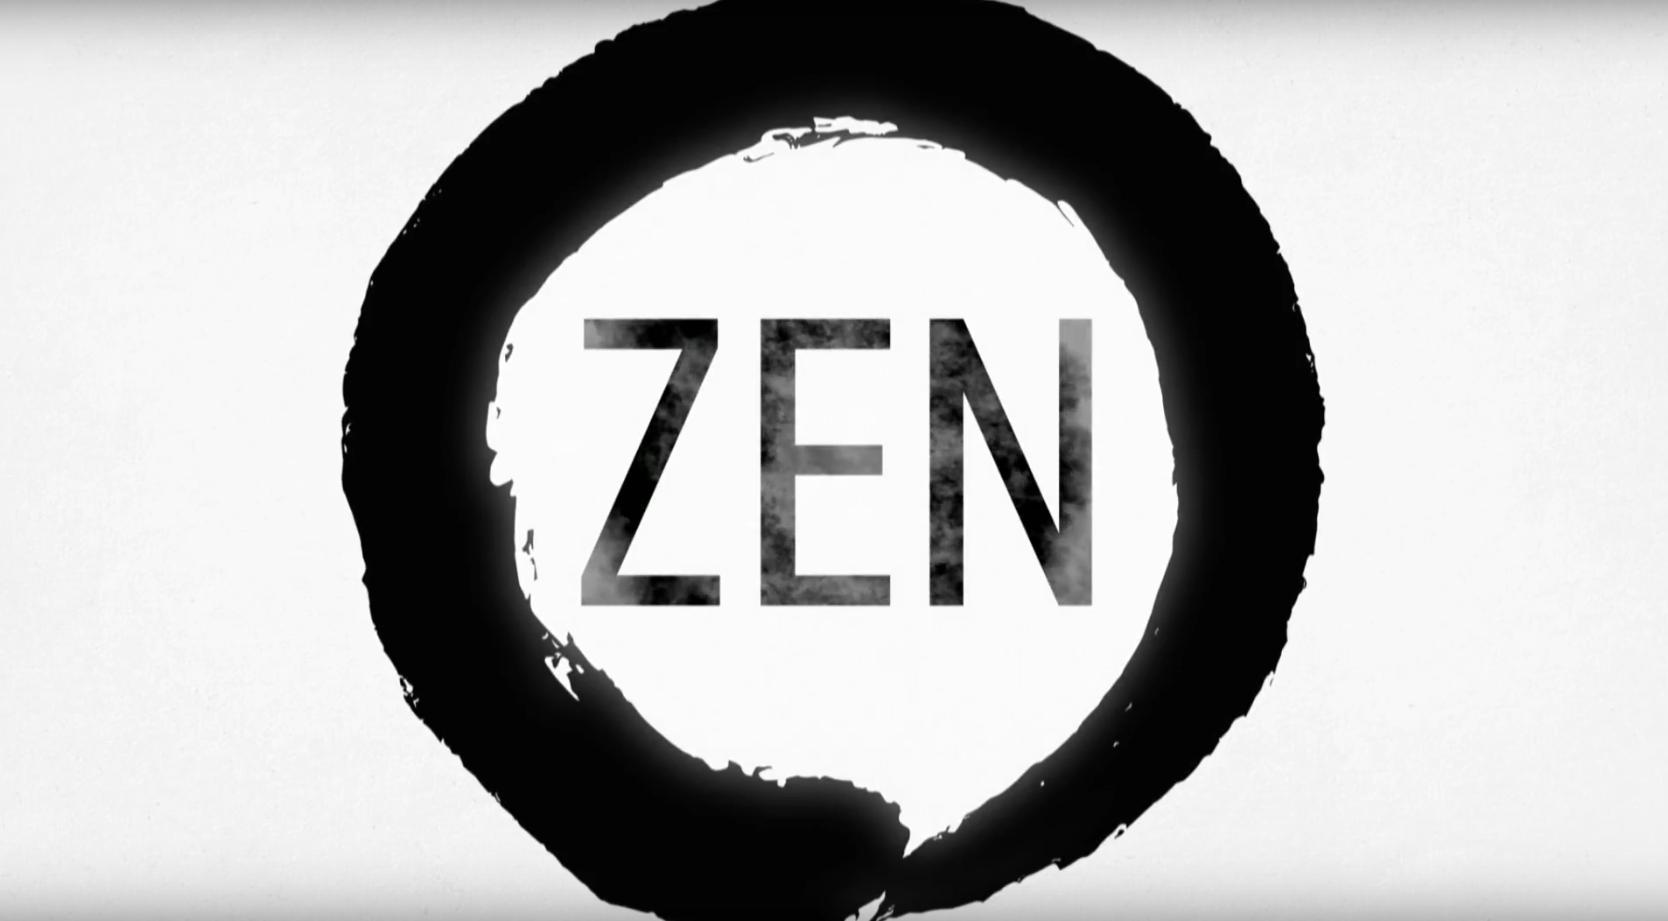 amd-2016-zen-video.png